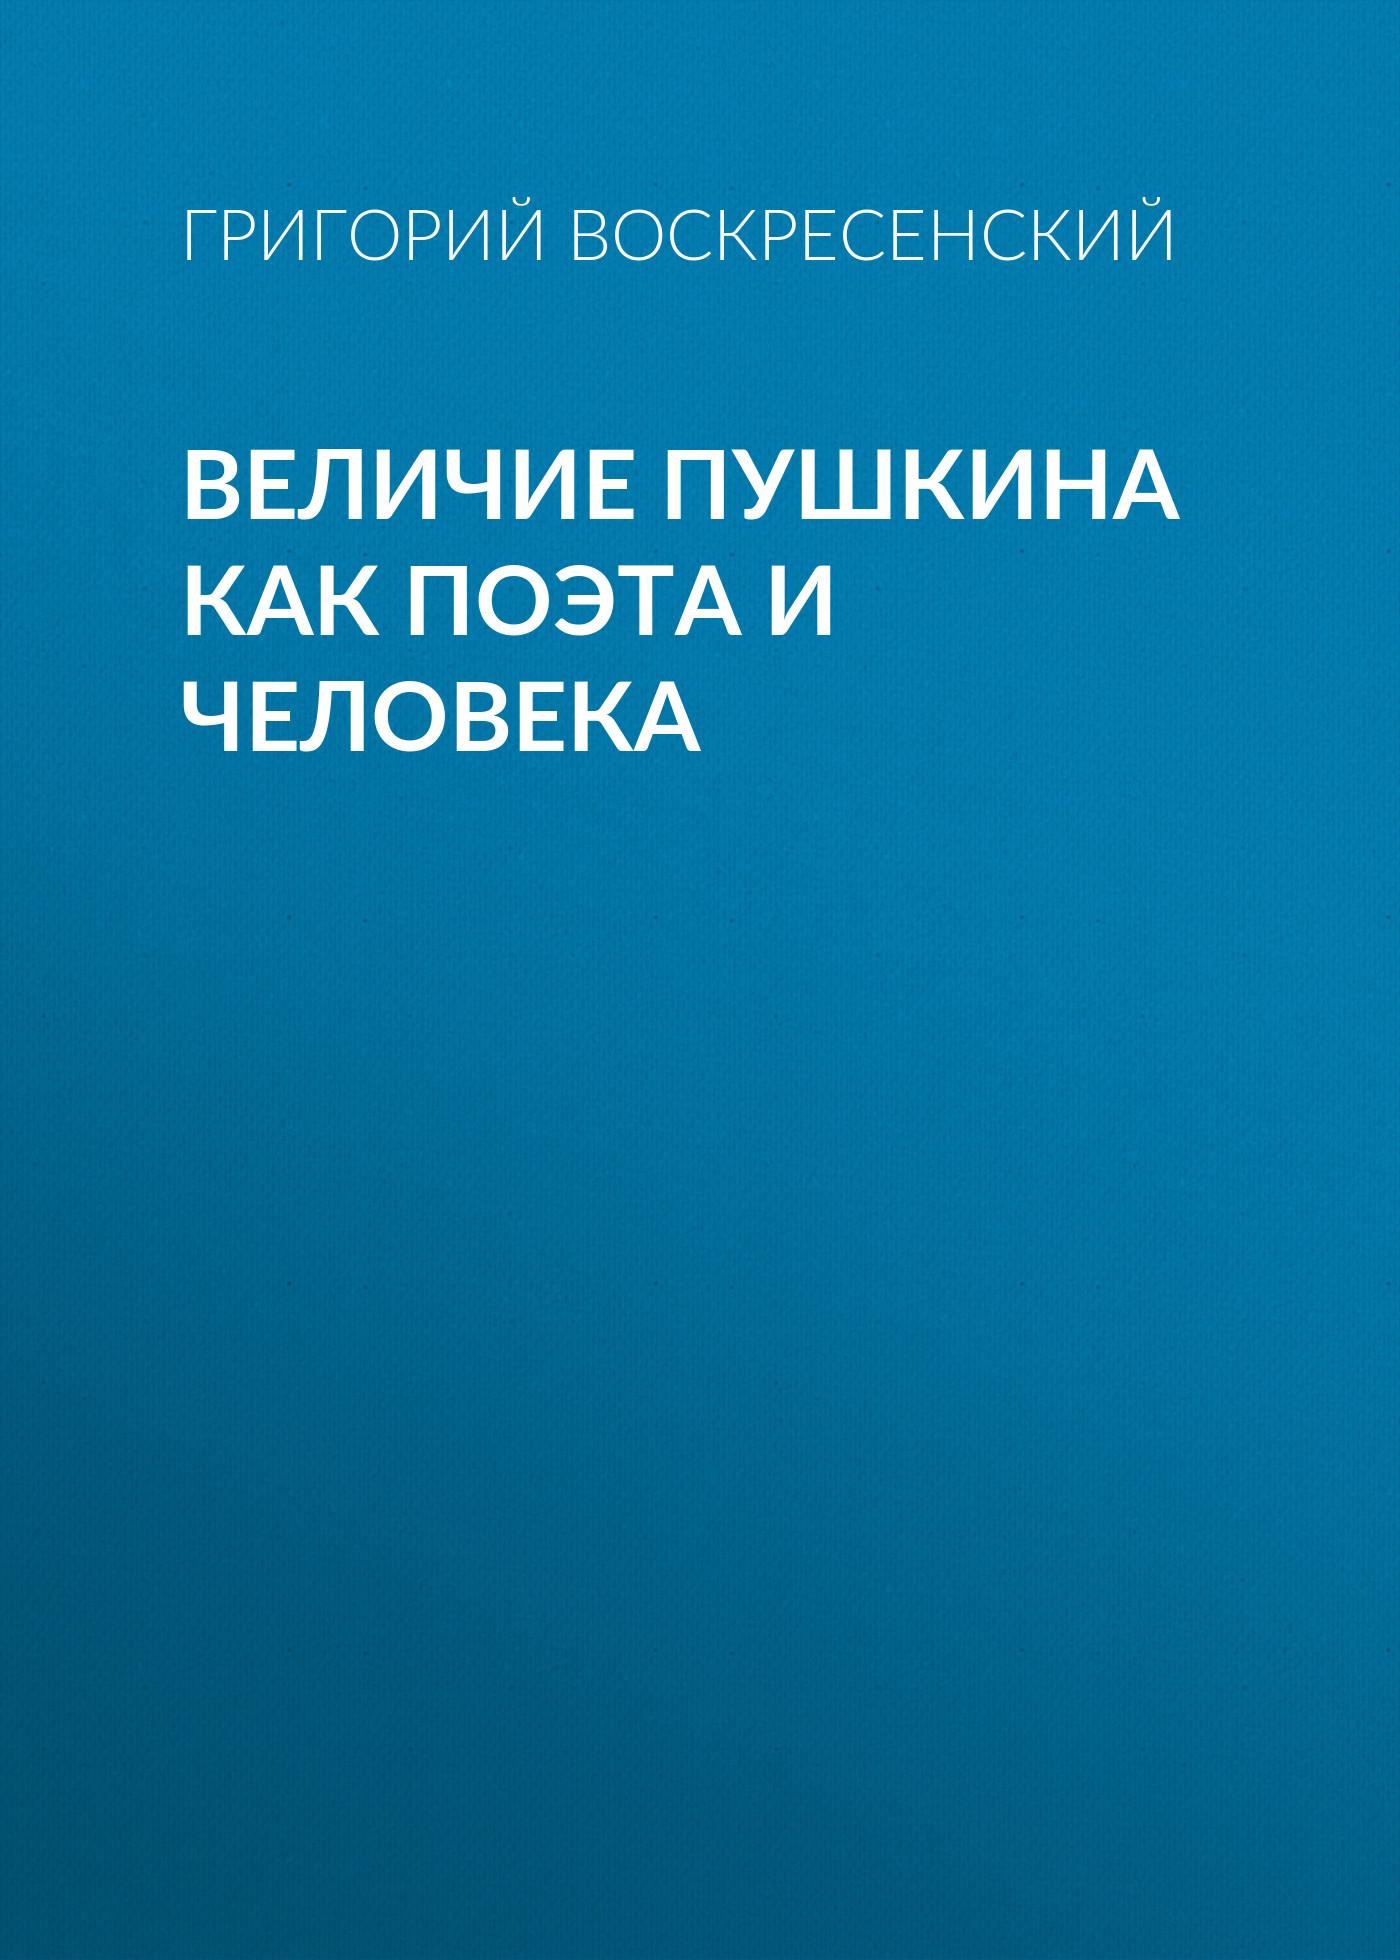 Григорий Воскресенский Величие Пушкина как поэта и человека